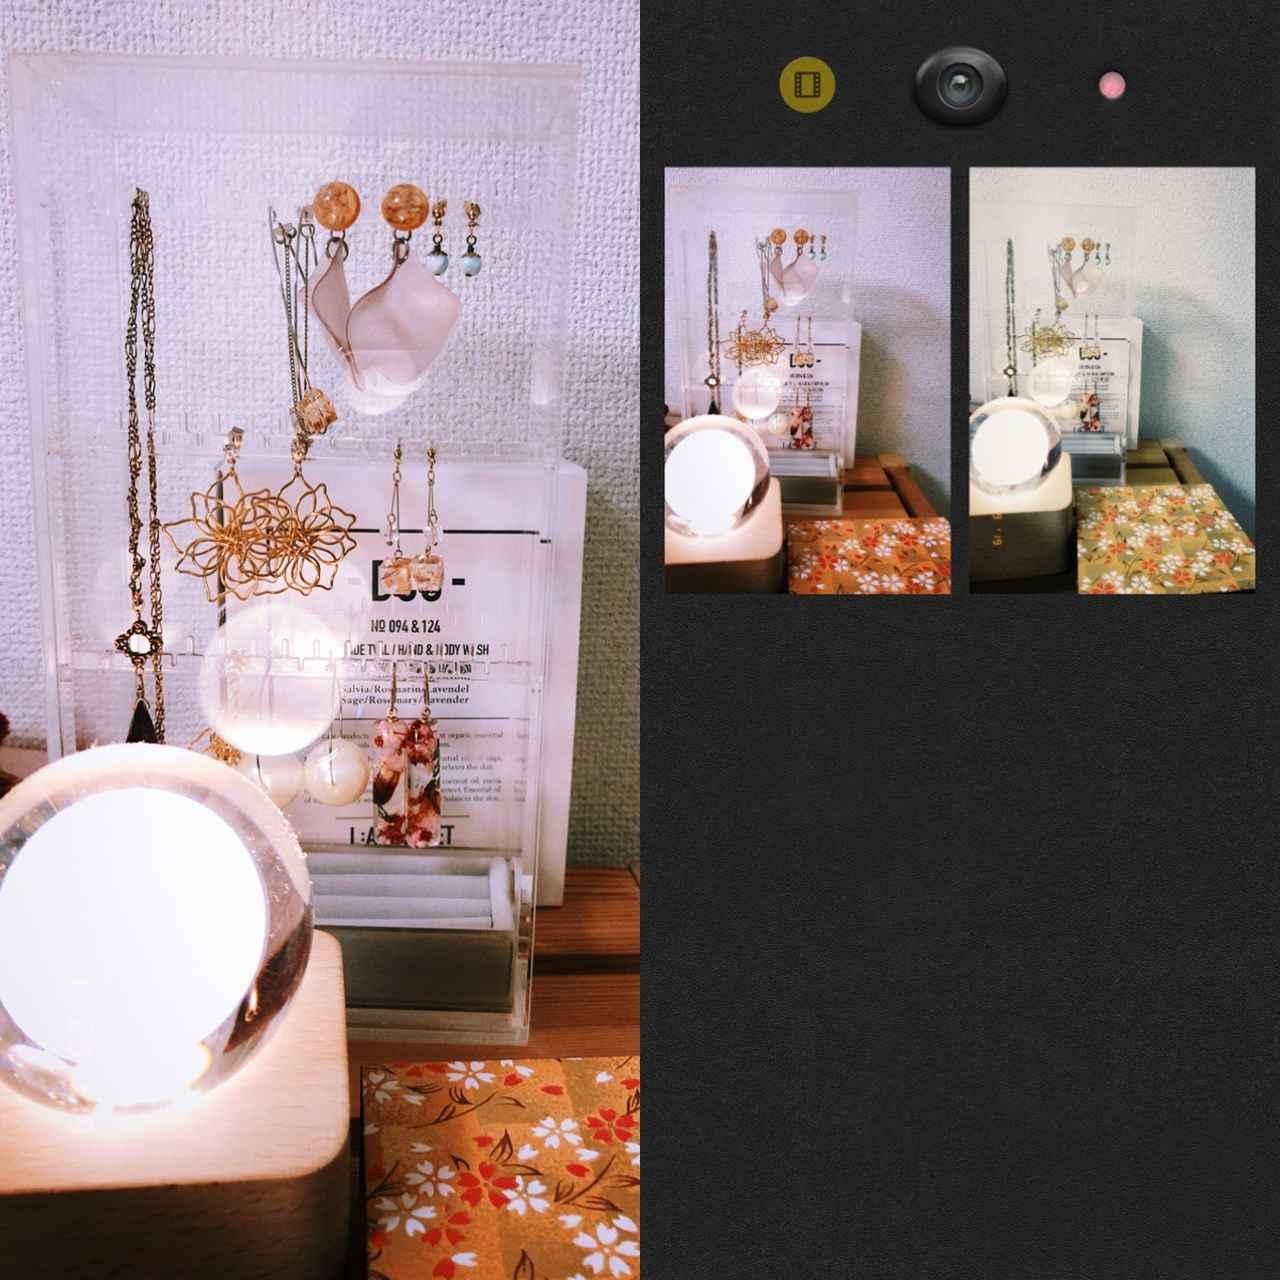 画像6: レトロなカメラがたくさん!無料で追加できるものもあります。